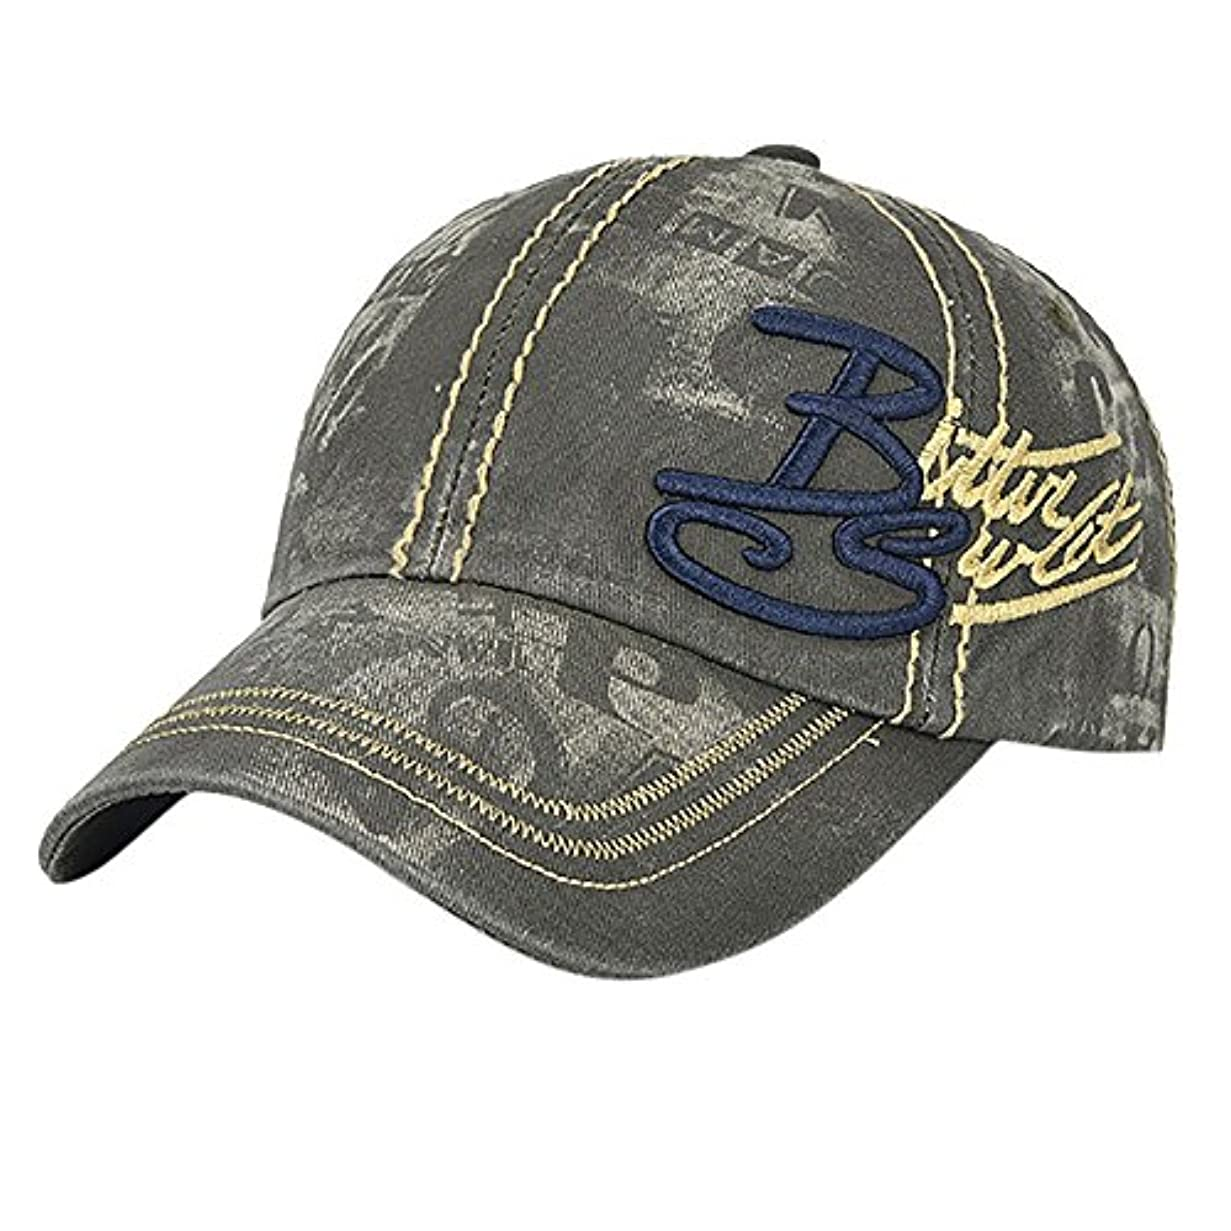 割れ目コウモリ単調なRacazing Cap レトロ カウボーイ 野球帽 ヒップホップ 通気性のある ヒップホップ 帽子 夏 登山 機関車 可調整可能 棒球帽 男女兼用 UV 帽子 軽量 屋外 ジーンズ Unisex Cap (アーミーグリーン)